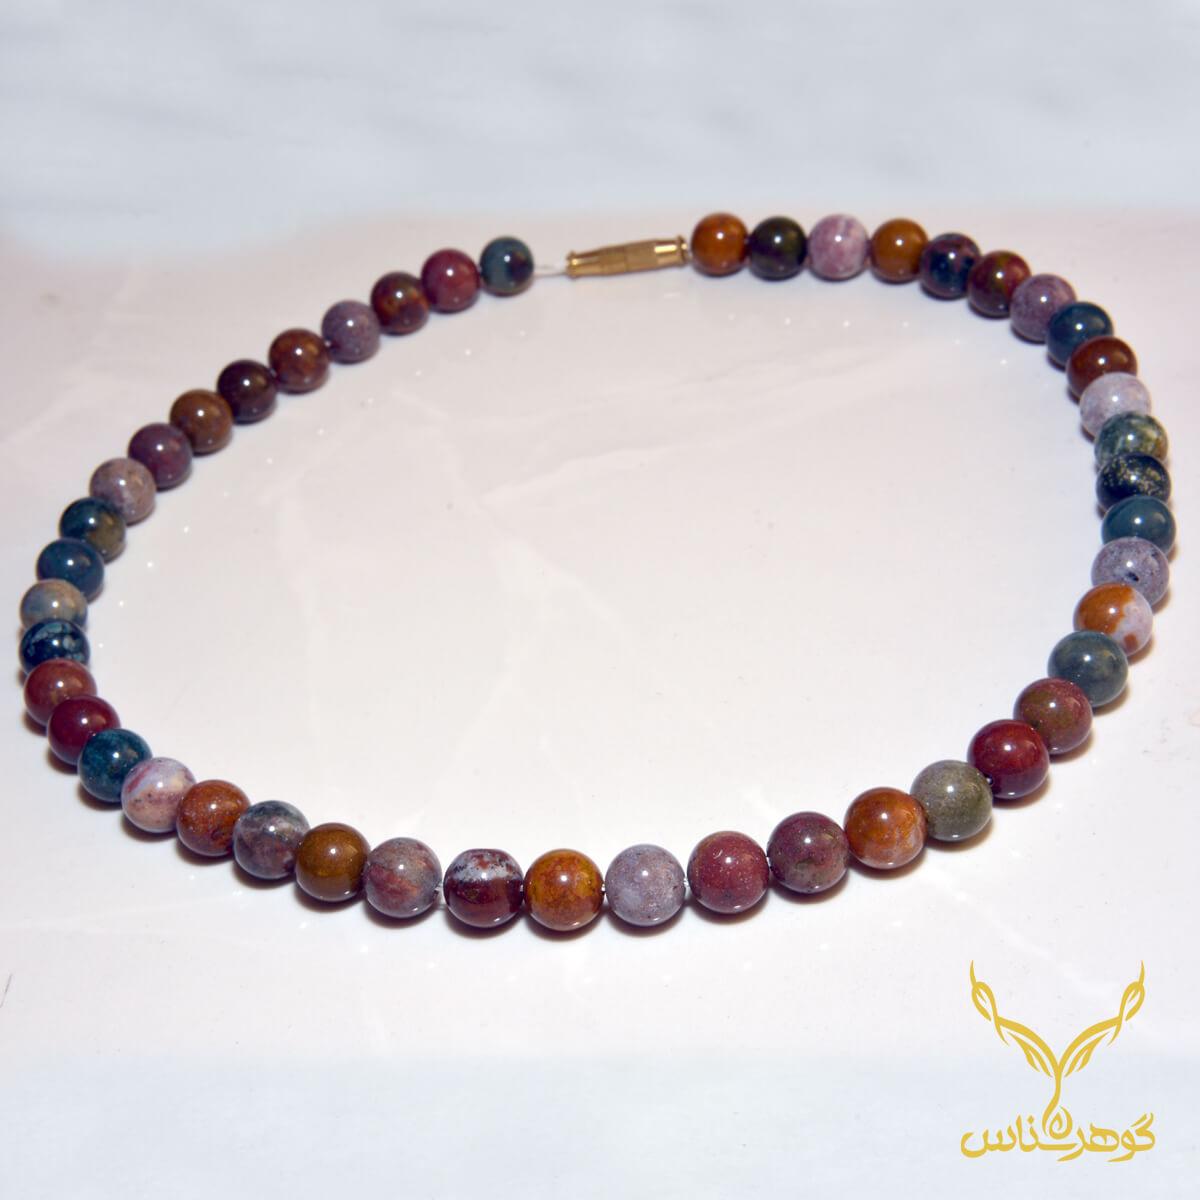 گردنبند سنگ طبیعی کدS002 این گردنبند از تعدادی عقیق که در رنگ های زیبا کنار هم چیده شده، تشکیل شده است.فروشگاه آنلاین گوهرشناس